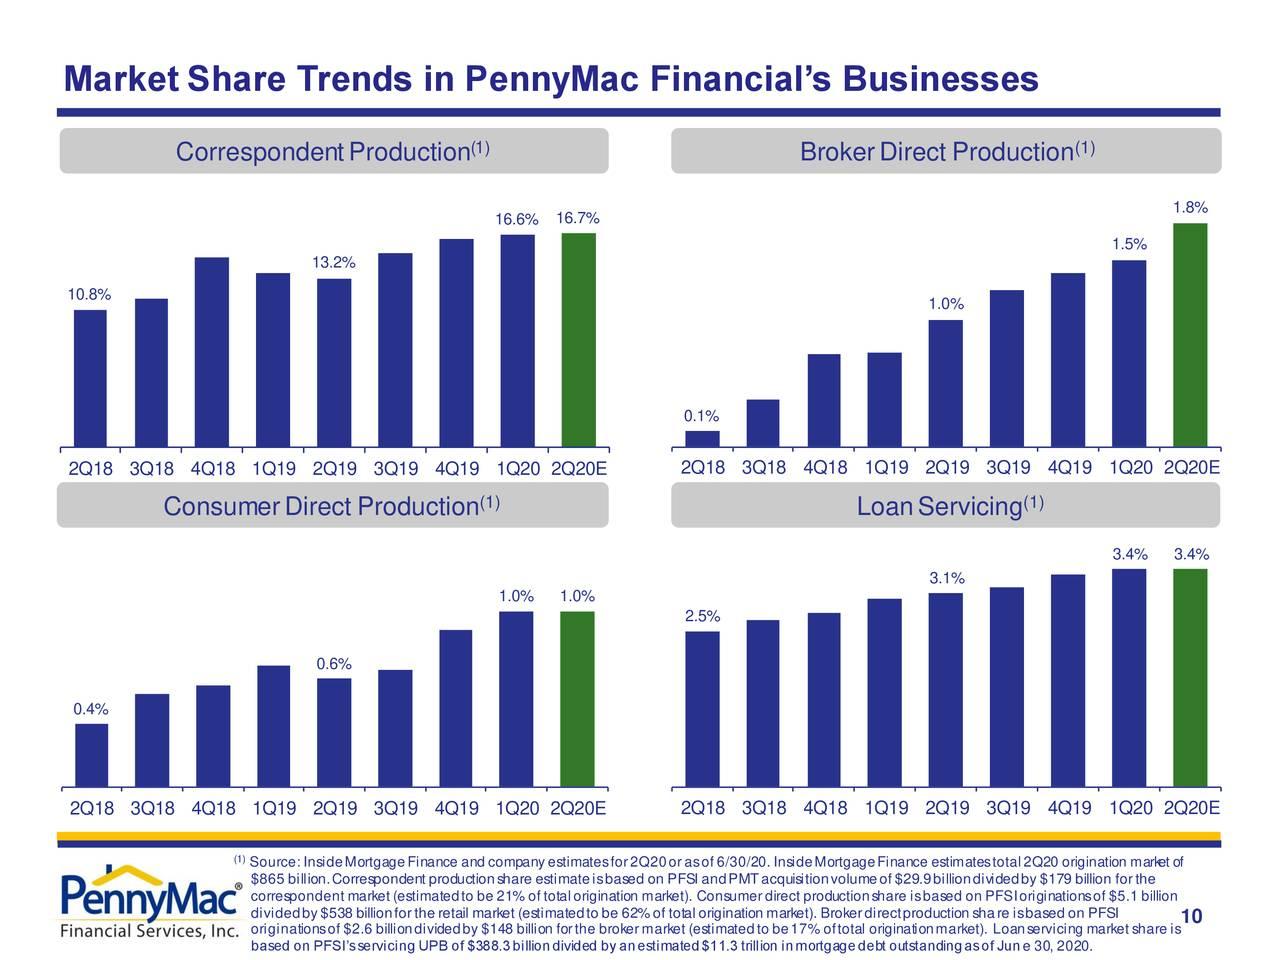 Tendencias de participación de mercado en los negocios de PennyMac Financial